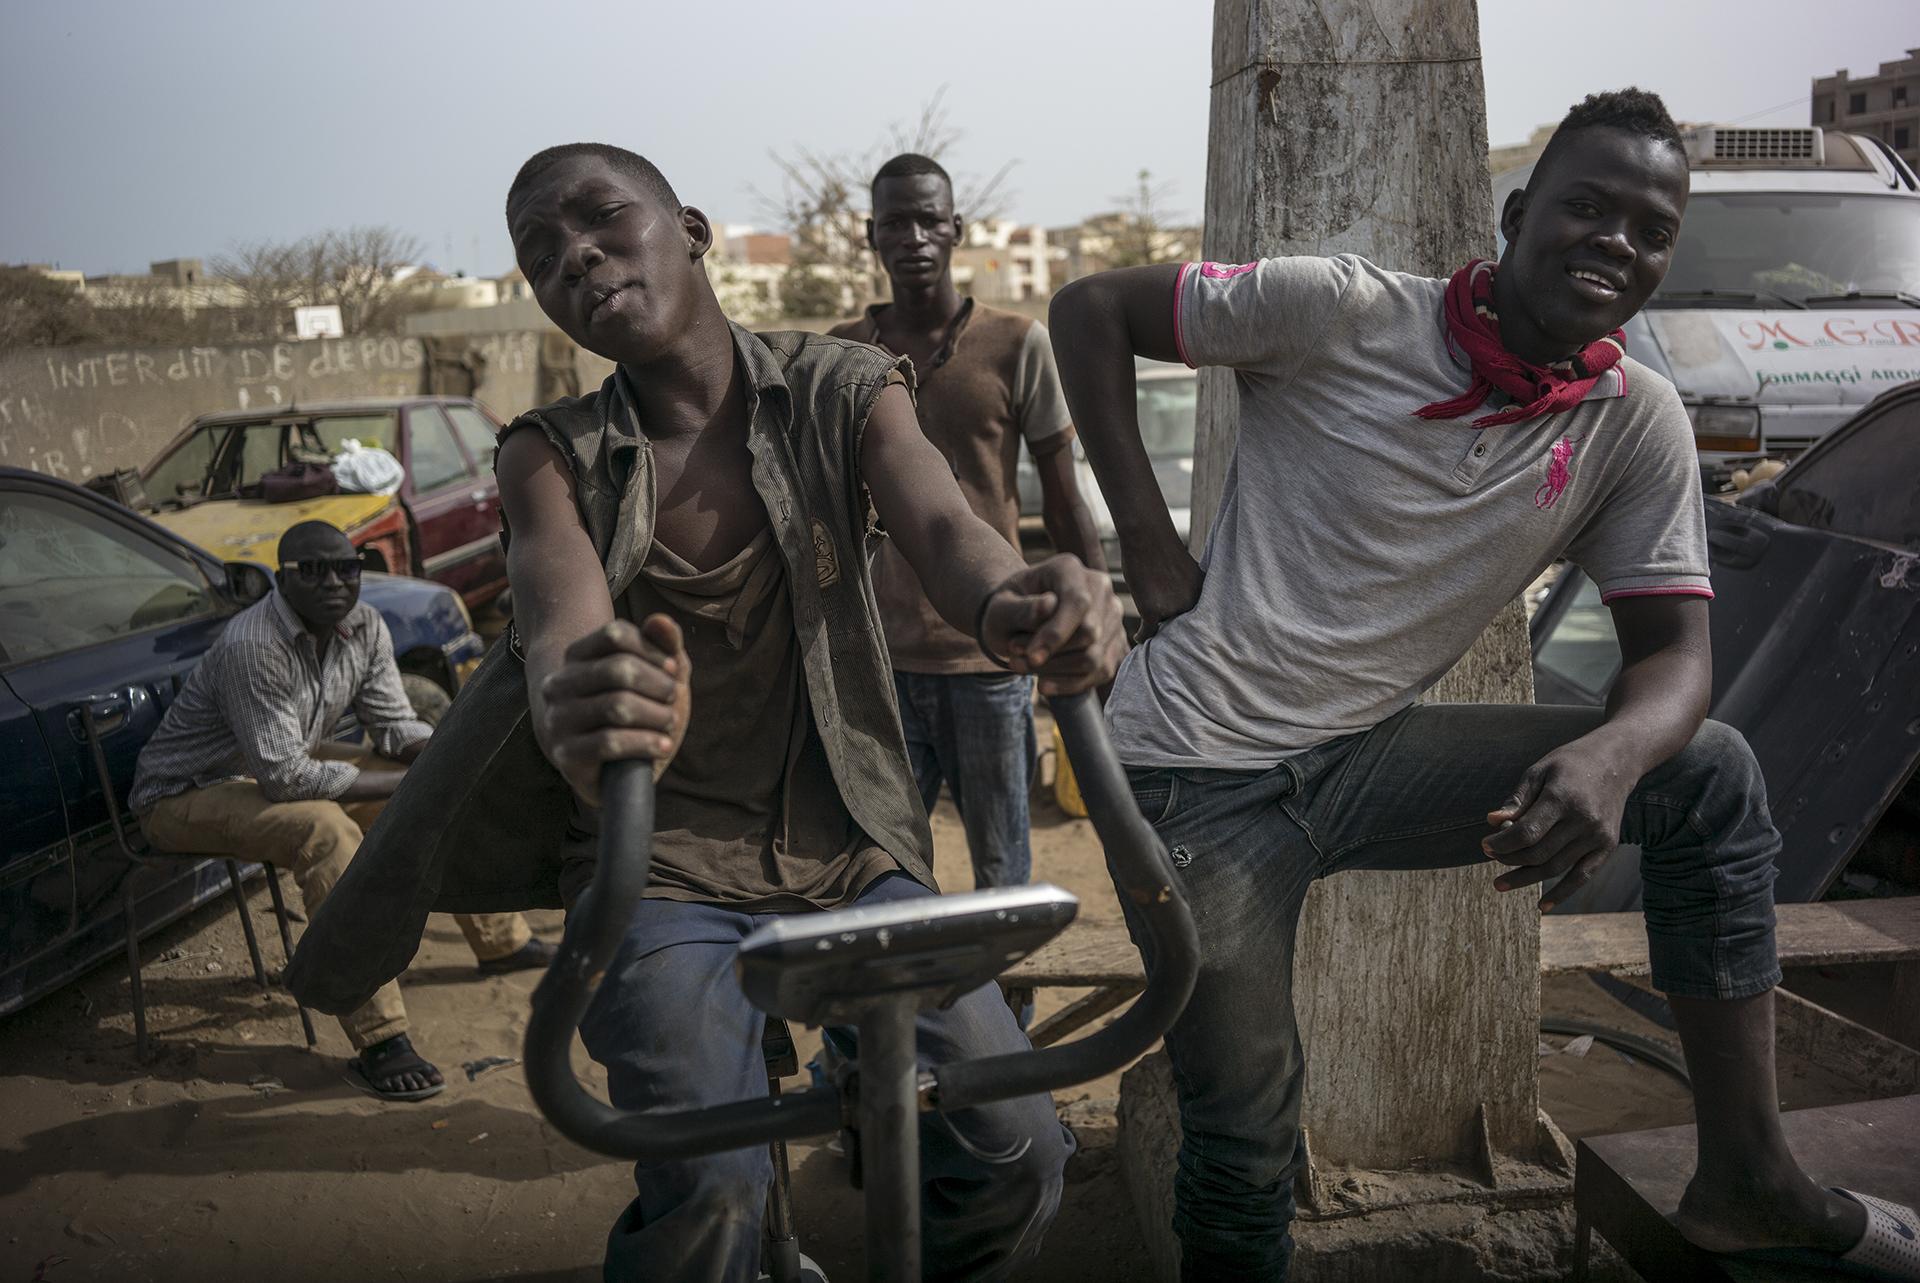 """Circulation routière à Dakar, Sénégal. Mai 2017Groupe """"d'apprentis  car"""" dans le quartier de Ouakam en attente du départ du car rapide. """"Apprentis car"""" est un emploi généralement occupé par des jeunes, leur métier consiste à rabattre les clients à l'intérieur du car rapide."""